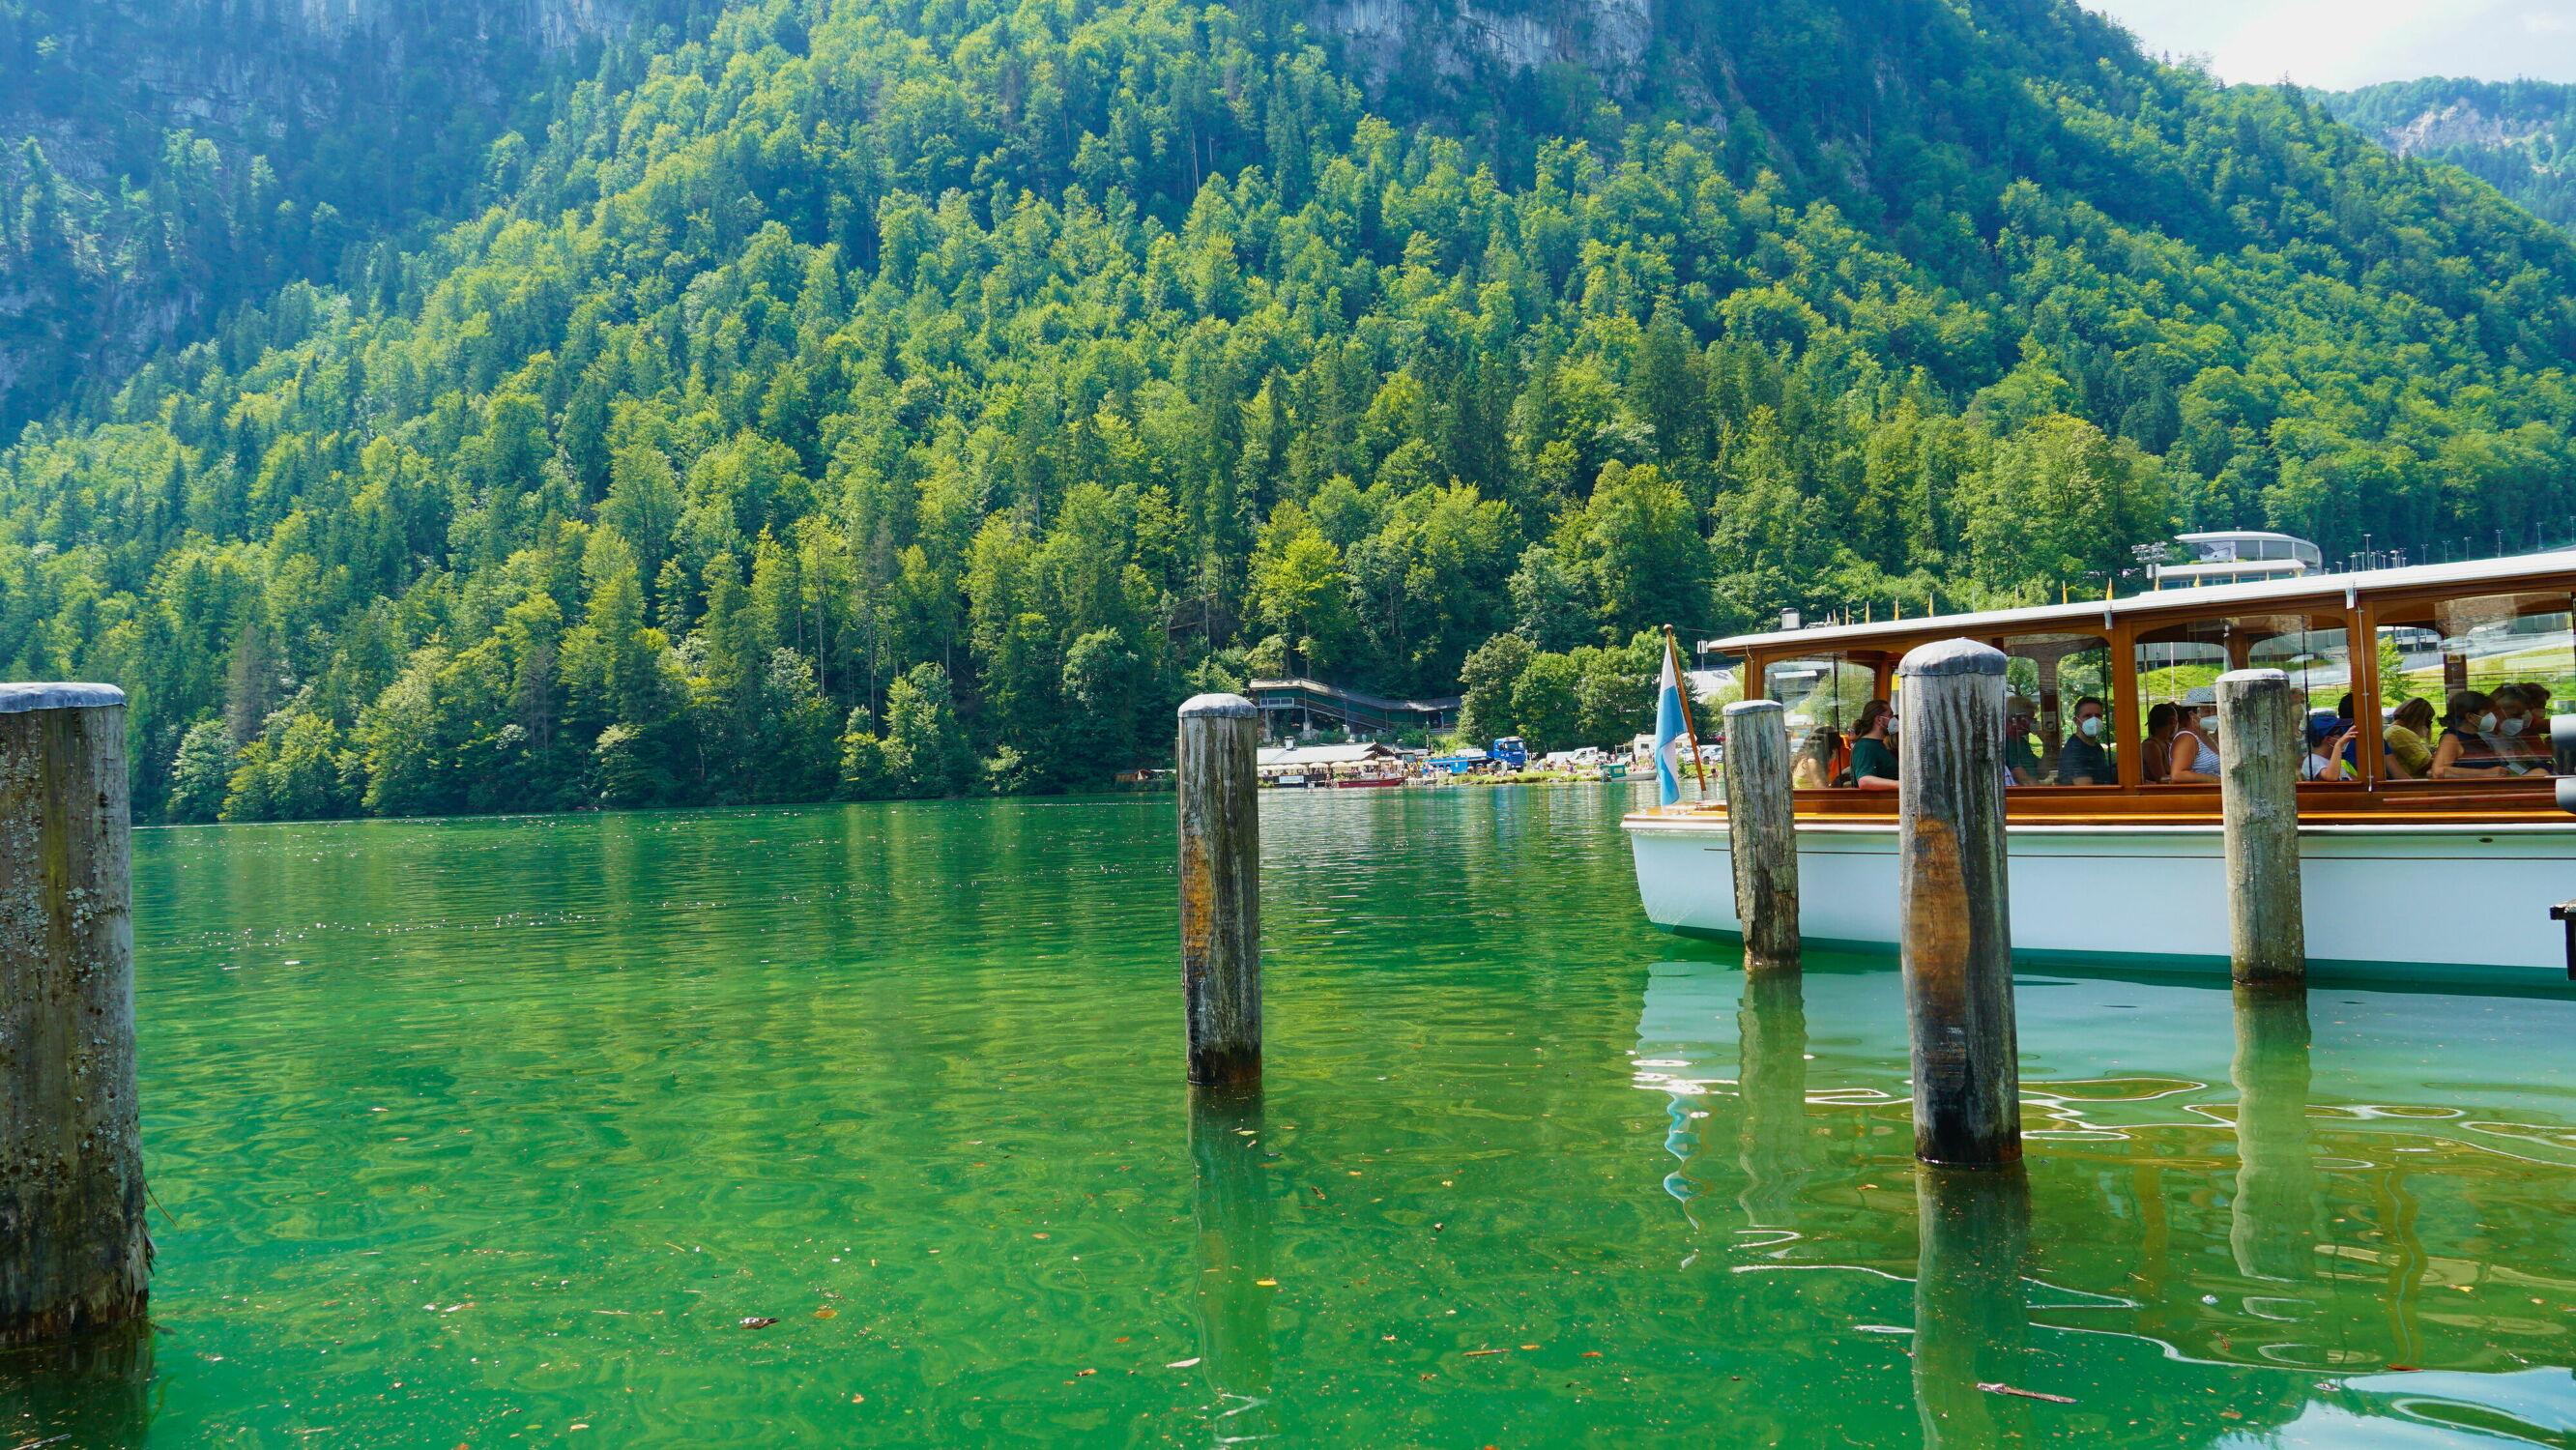 Bild mit Natur, Seen, boot, Boote, Urlaubsbild, Urlaubsfoto, See, königssee